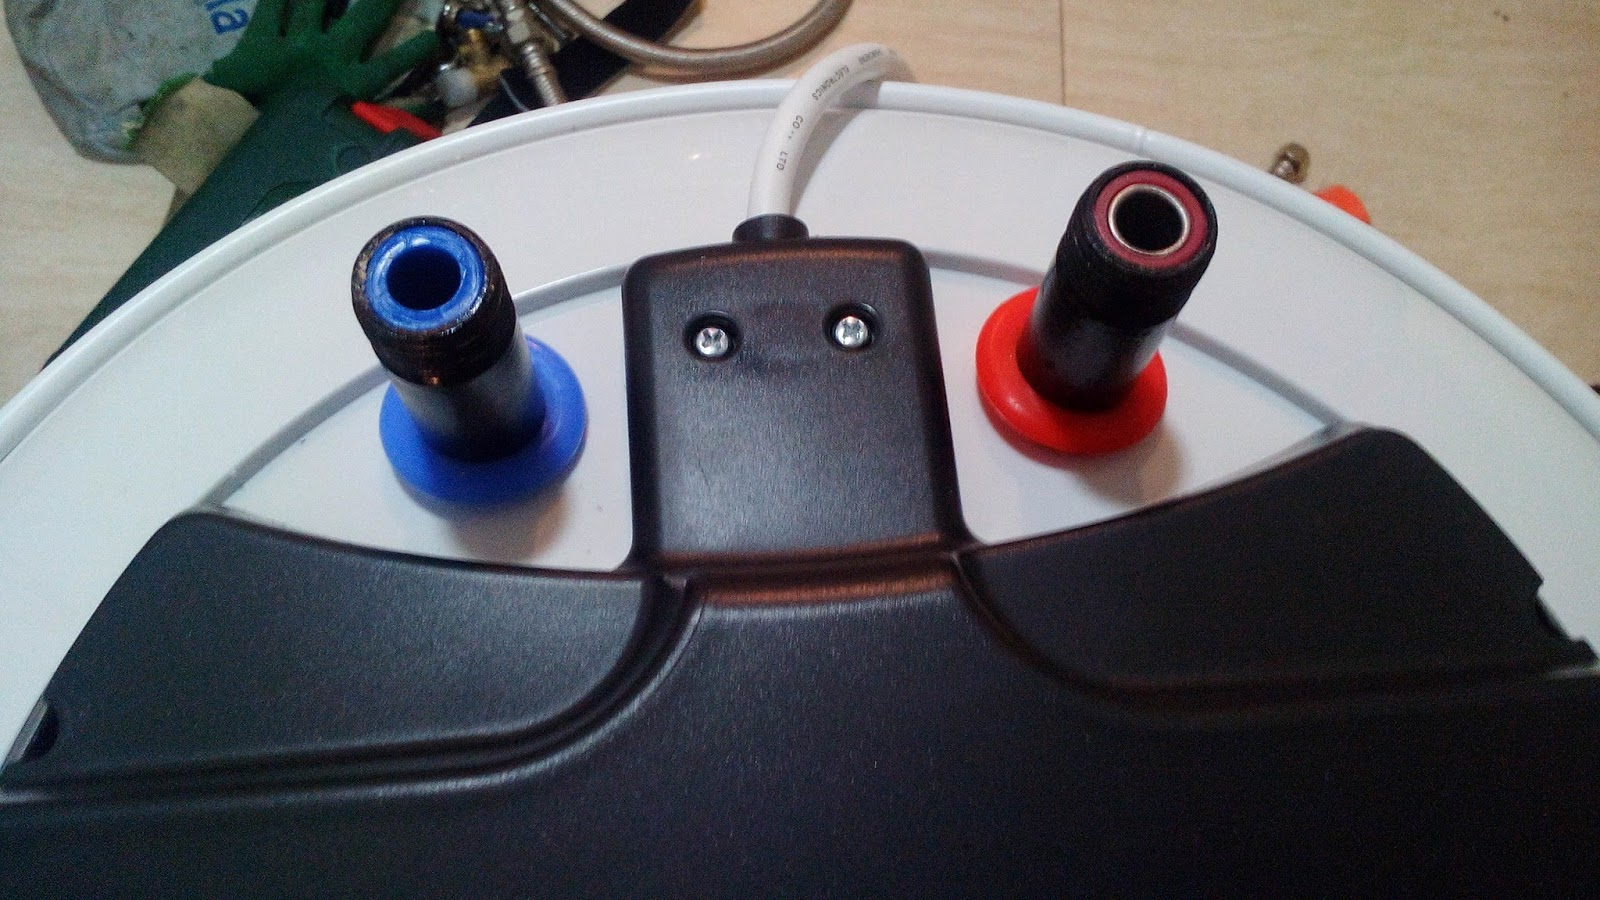 El termo electrico no calienta finest cheap trendy finest for Grifo termostatico no calienta